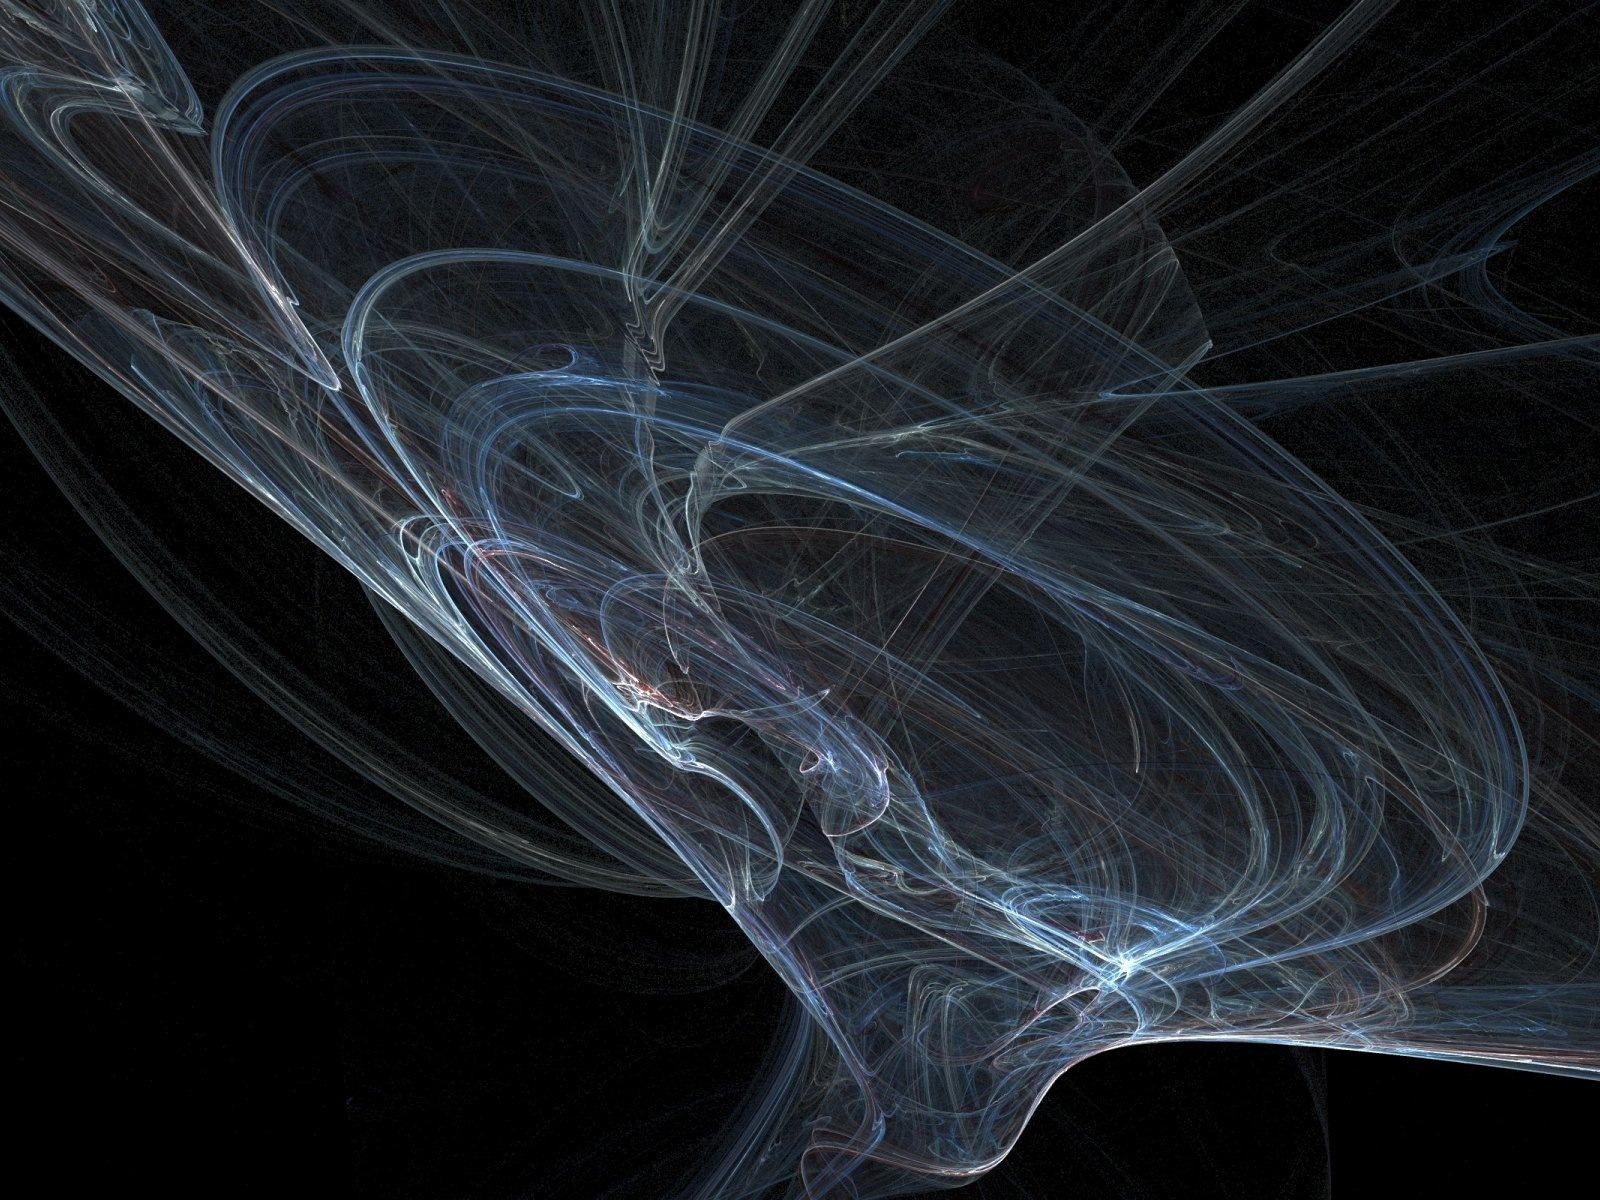 http://4.bp.blogspot.com/-NtVTKbFcAeI/Tp1l1L5ZrtI/AAAAAAAAA5k/ehISWXJnVq8/s1600/pcmech-03s-black-hole-power.jpg